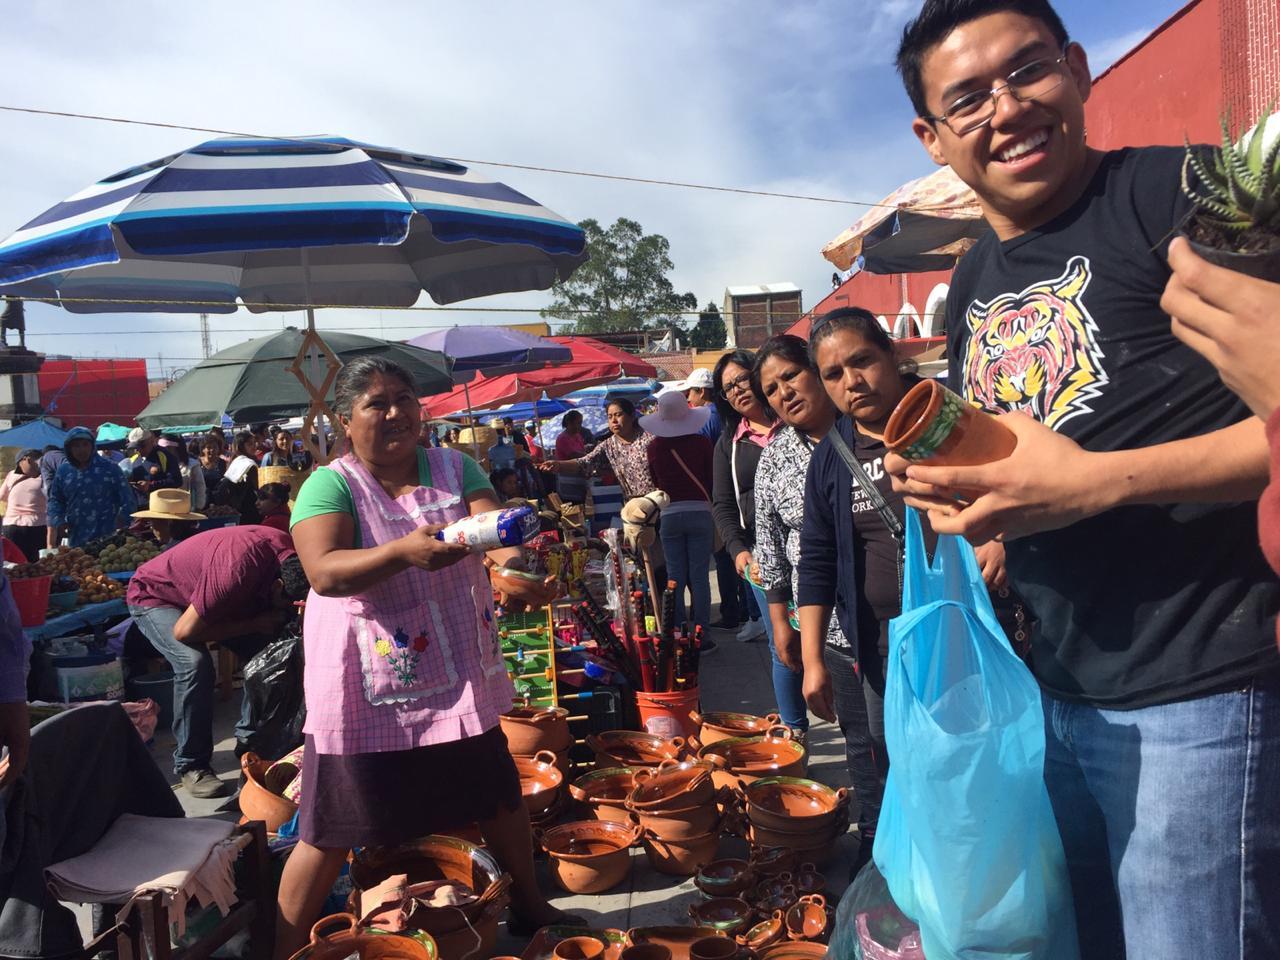 Día de trueque en San Pedro Cholula